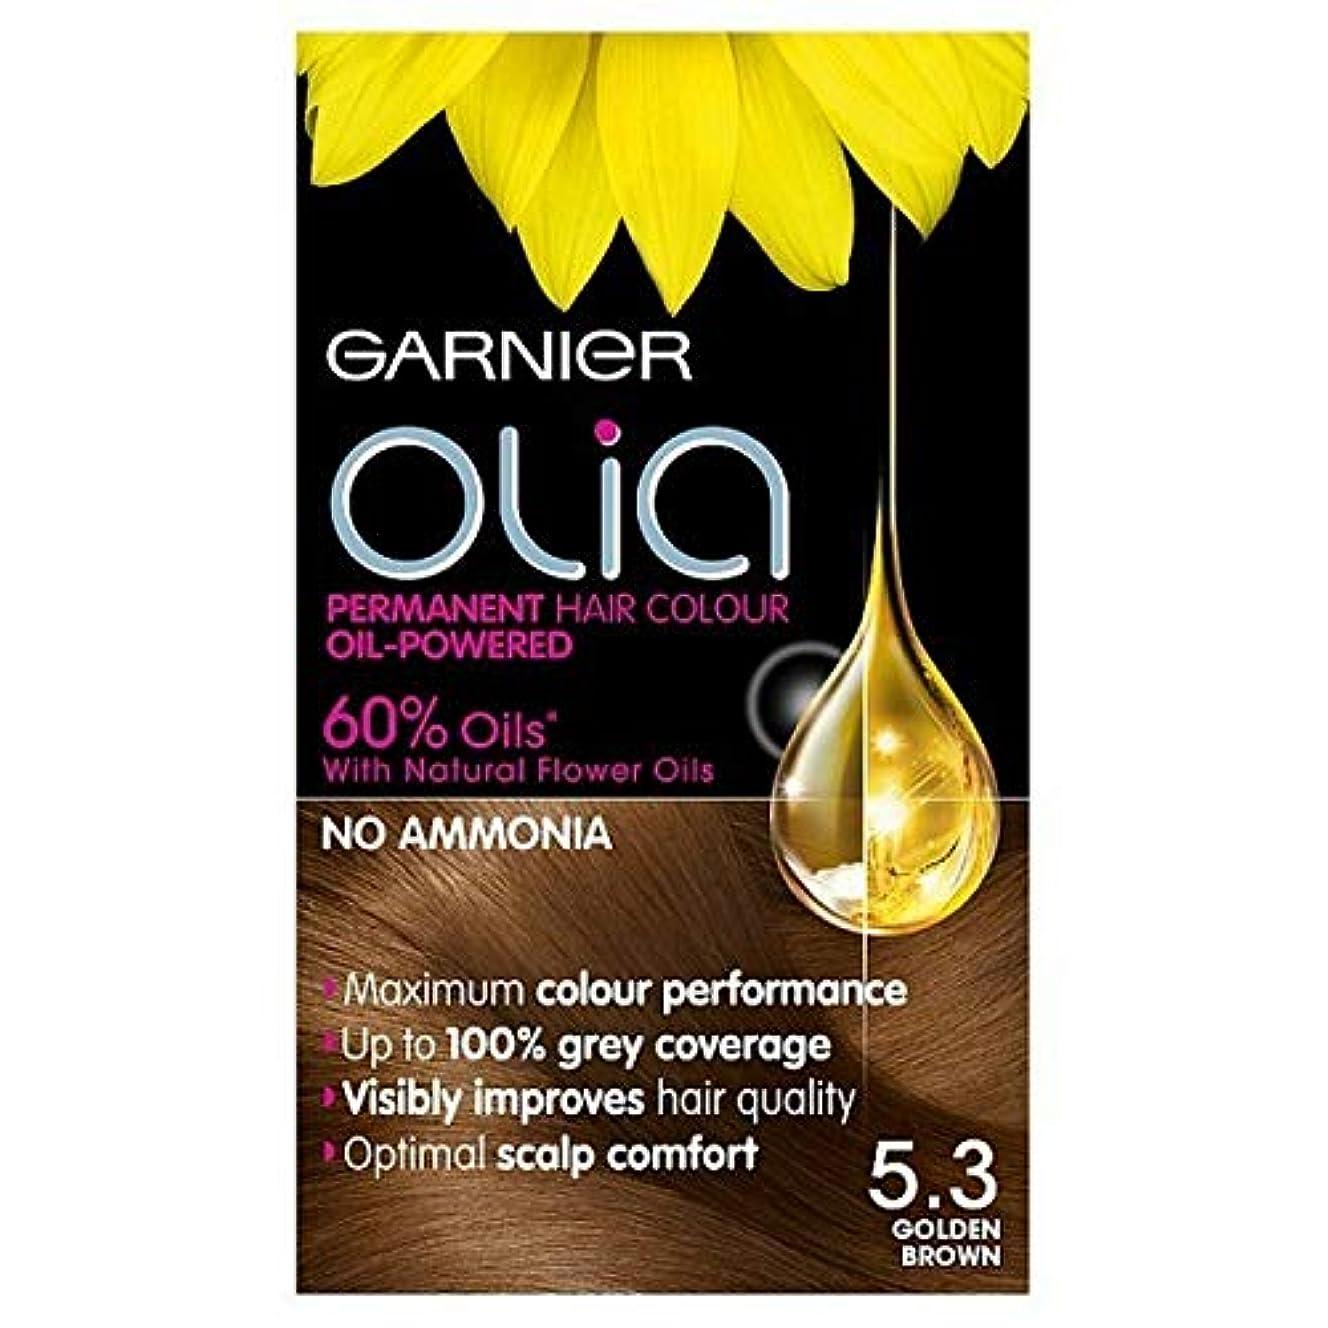 スチュワード負荷類人猿[Garnier ] 5.3キツネ色ガルニエOliaパーマネントヘアダイ - Garnier Olia Permanent Hair Dye Golden Brown 5.3 [並行輸入品]